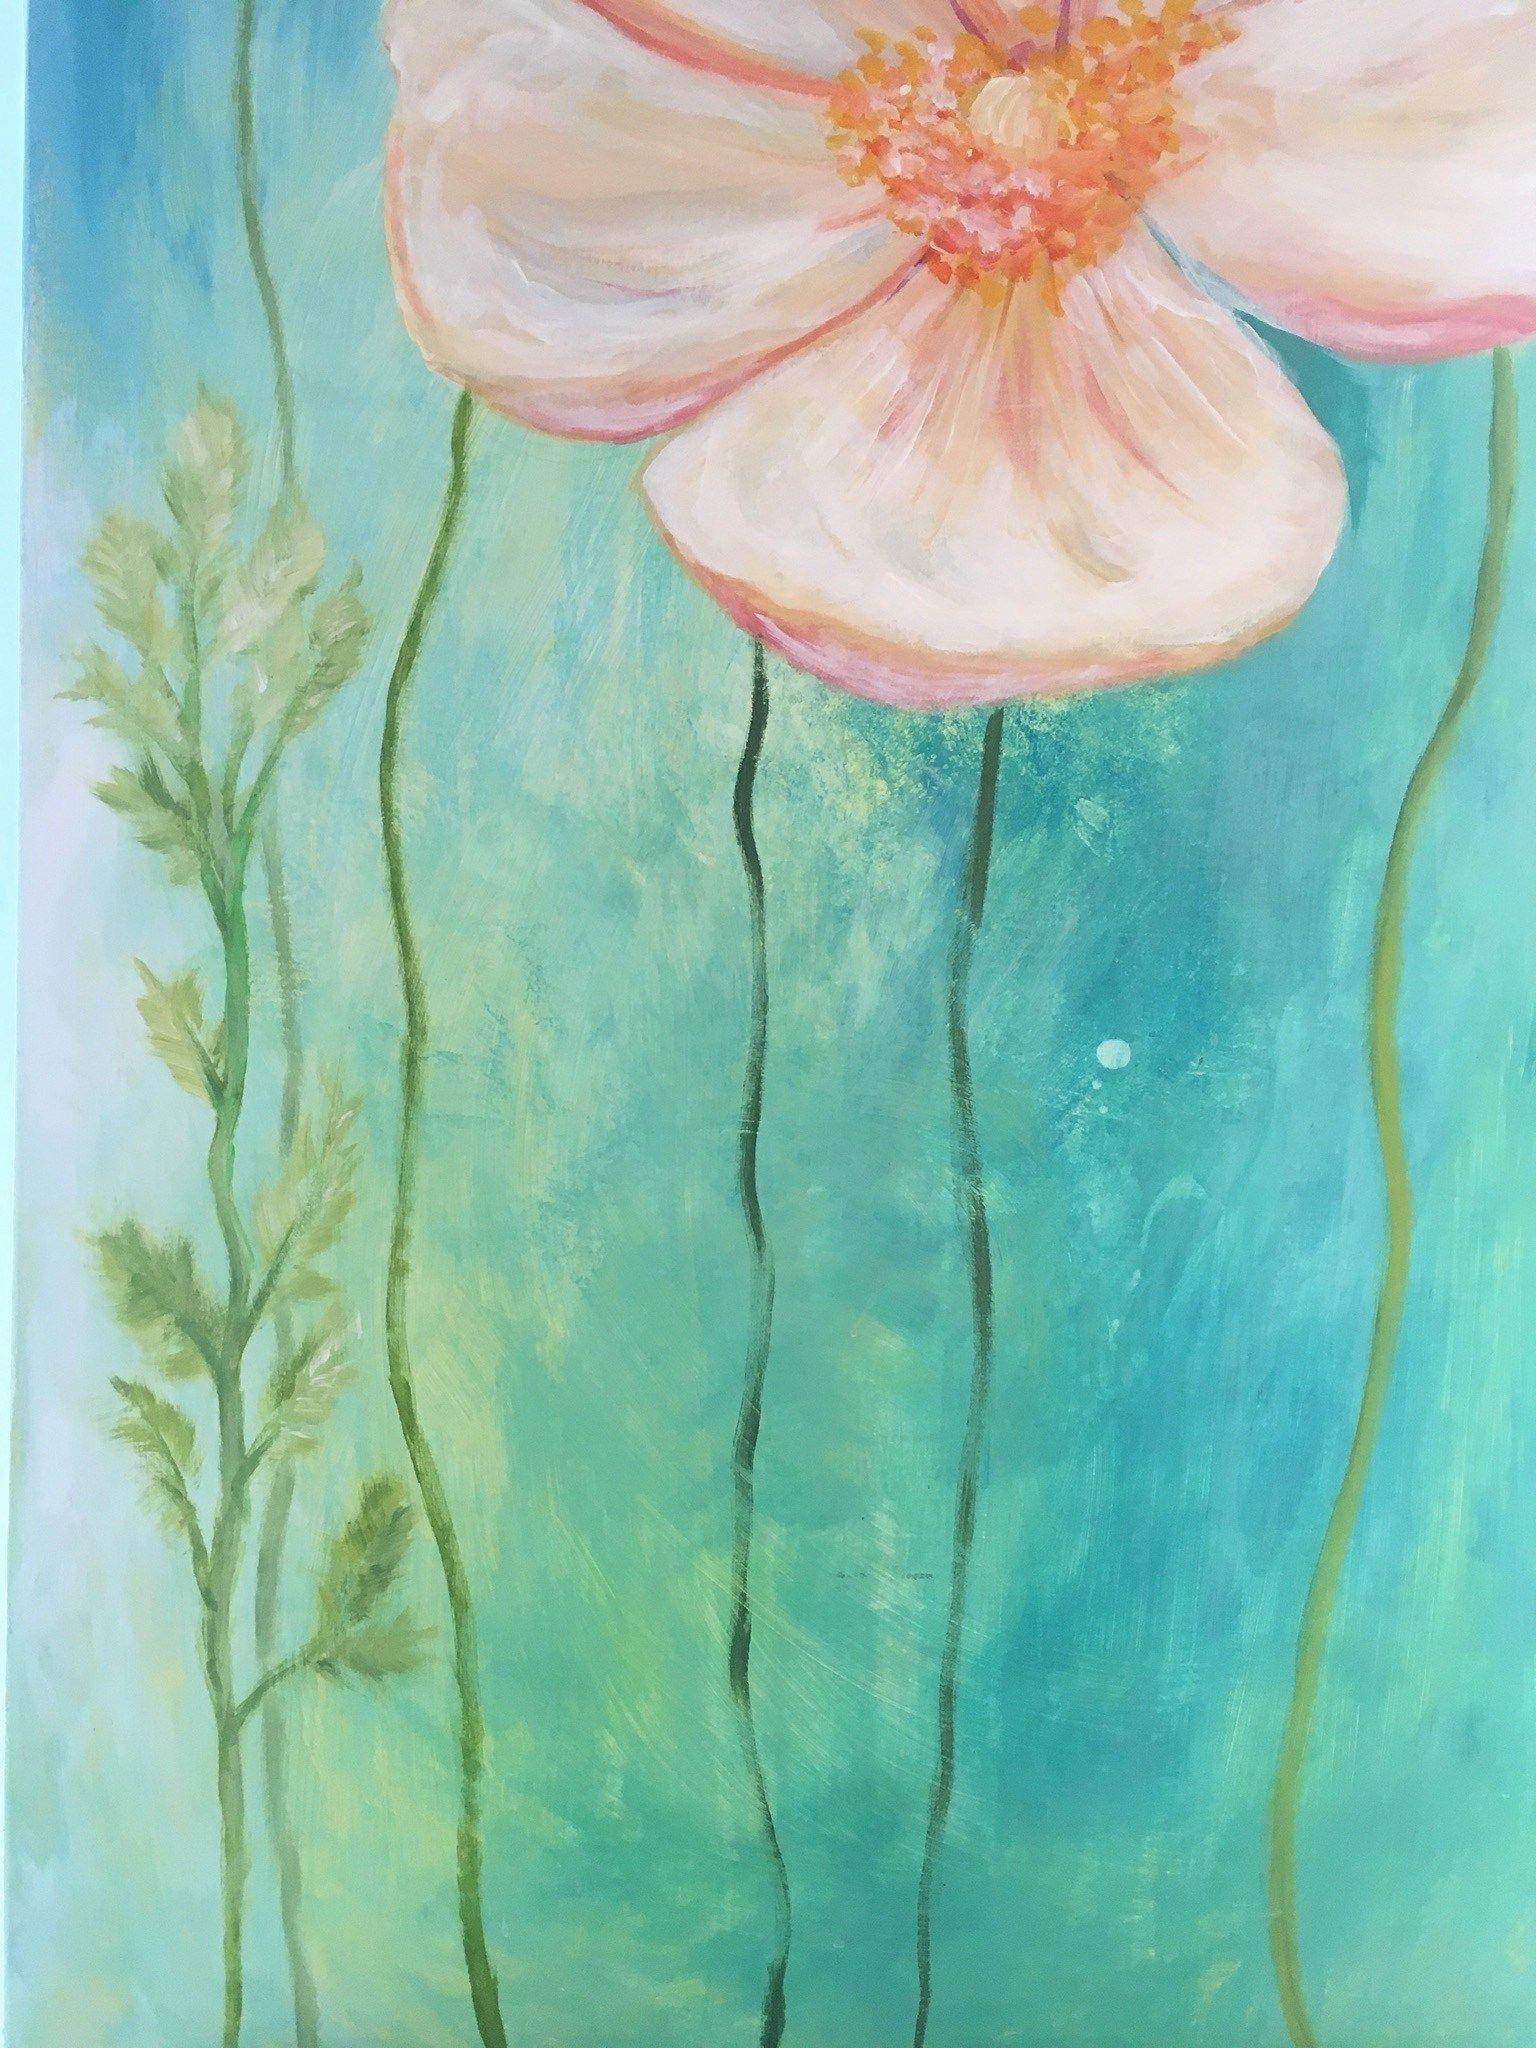 Blumen Malen Mit Acrylfarben - In 8 Einfachen Schritten (Mit für Acrylbilder Malen Vorlagen